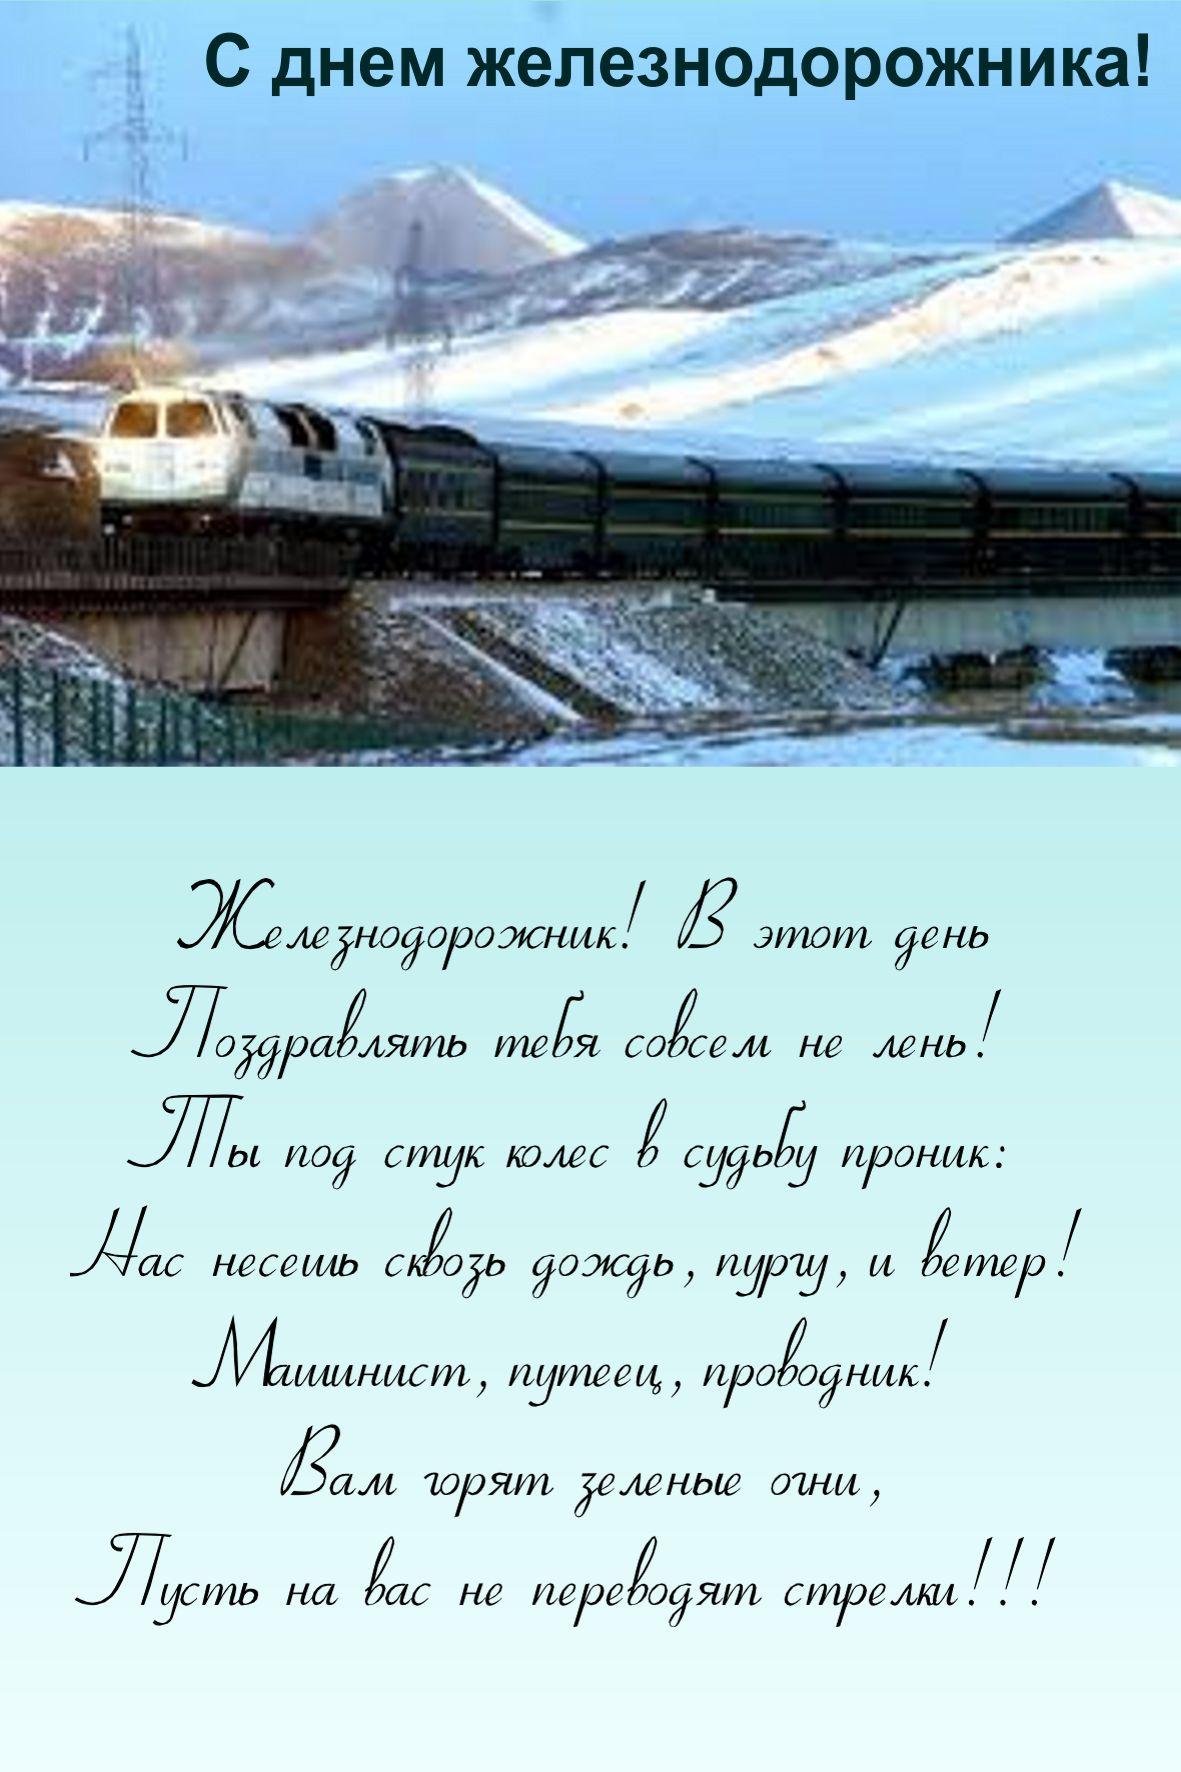 Поздравления с днём железнодорожника коллег